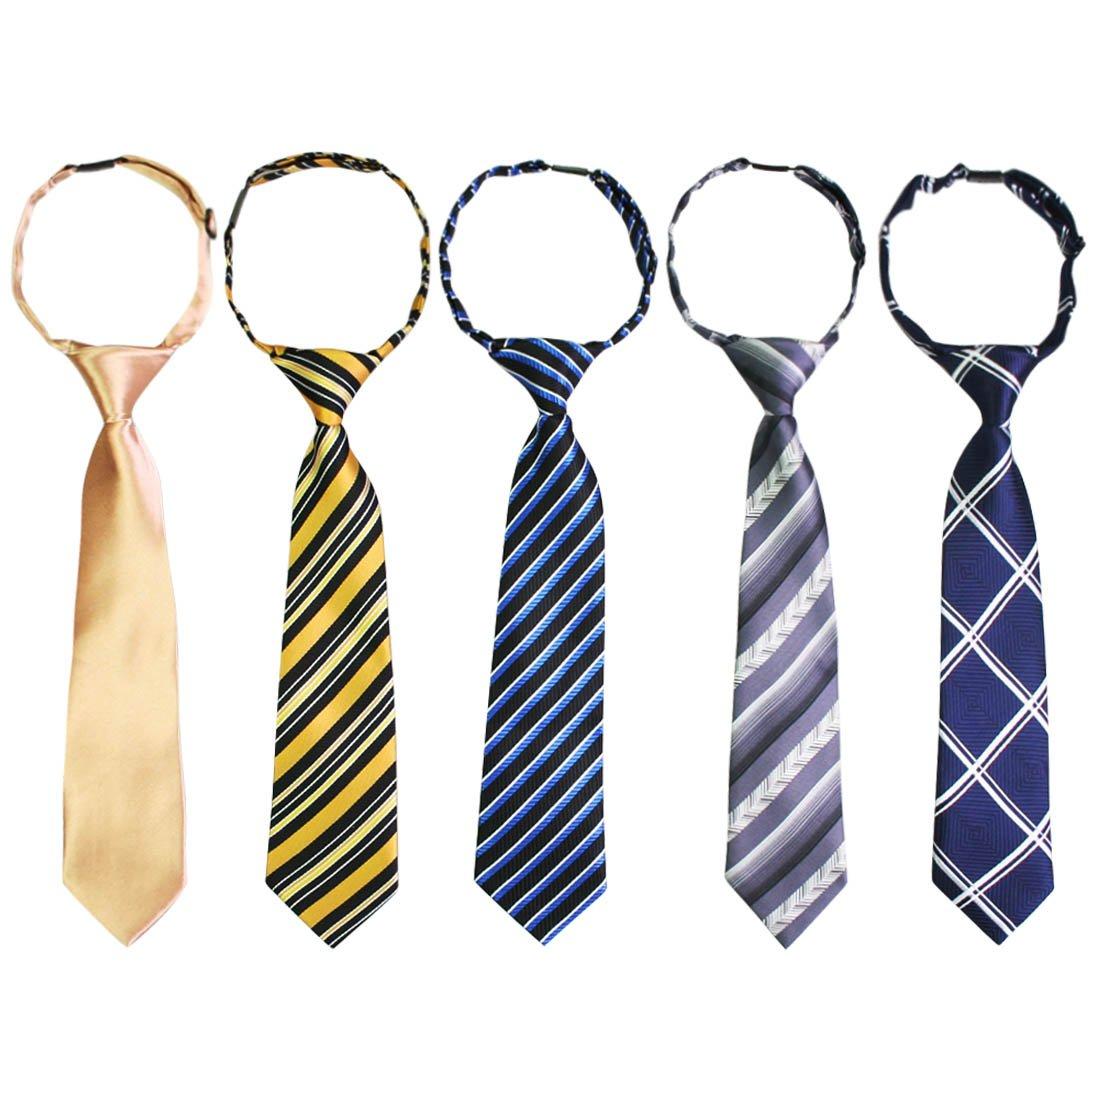 kilofly Pre-tied Adjustable Neck Strap Tie Boys Baby Necktie Value Set of 5 BBA503set5L